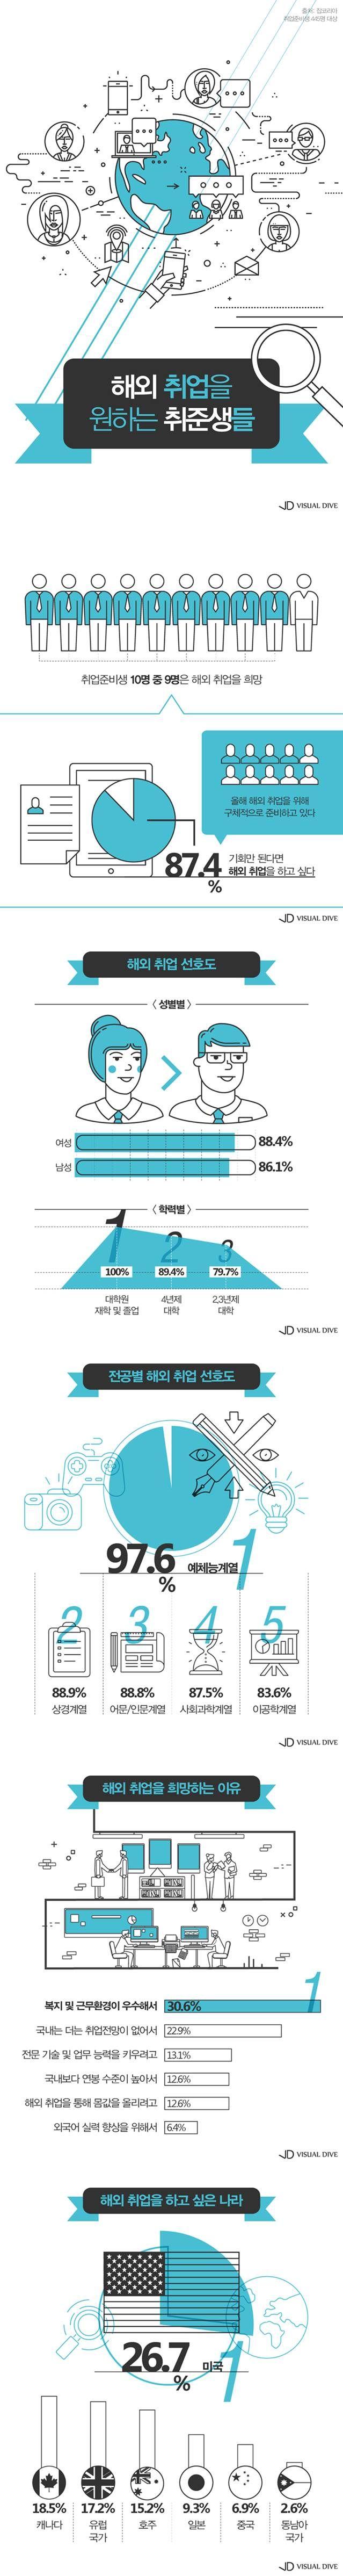 """취준생 10명 중 9명 """"해외 취업 희망"""" [인포그래픽] #job / #Infographic ⓒ 비주얼다이브 무단 복사·전재·재배포 금지"""